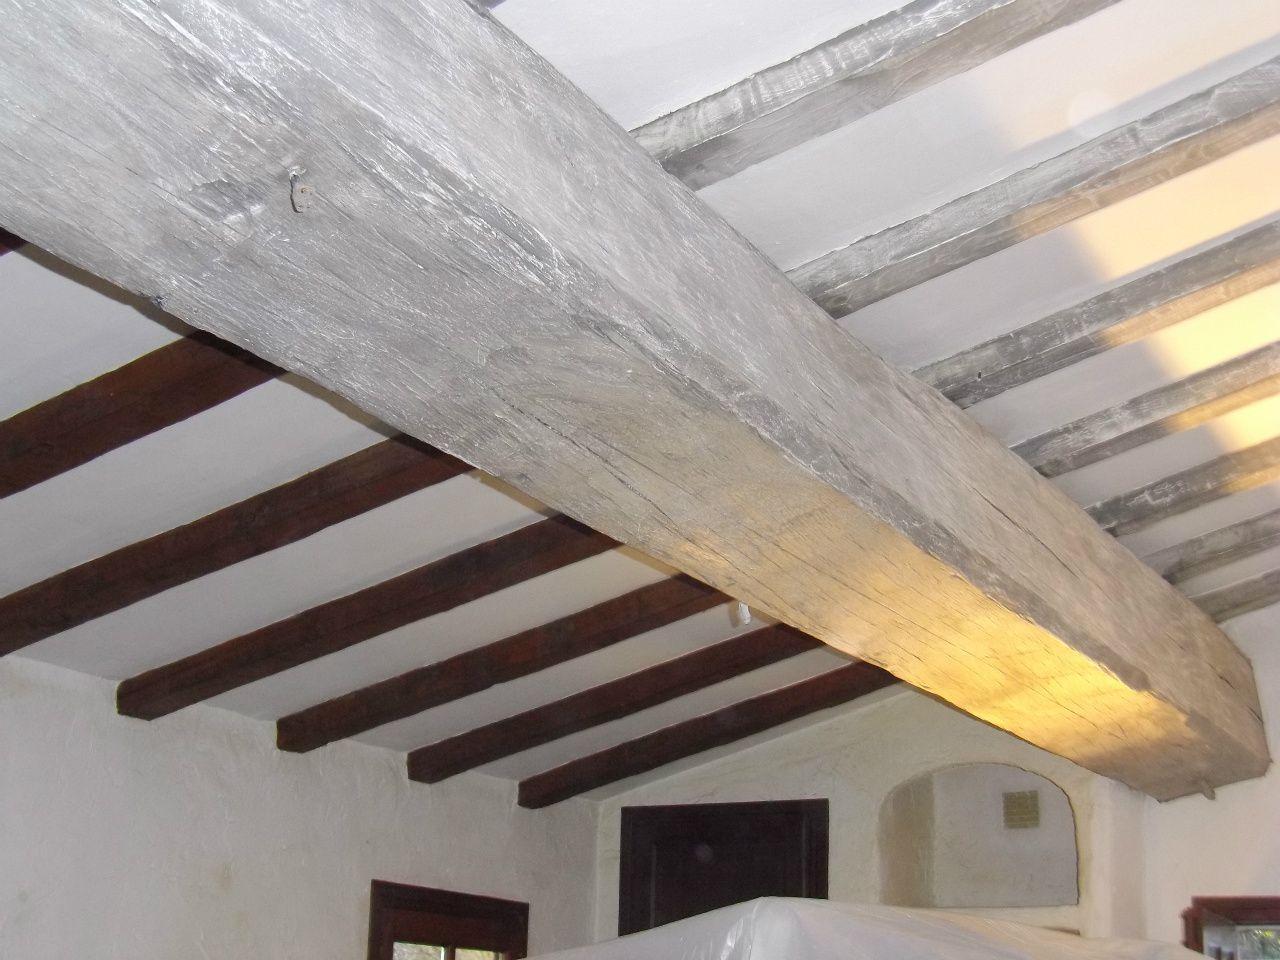 Chambre Enfant Peinture Gisors Chaumont Vexin Magny Maison Ancienne Patine Poutres Charpente Eph Peindre Des Poutre Bois Poutre Plafonds Repeindre Un Plafond